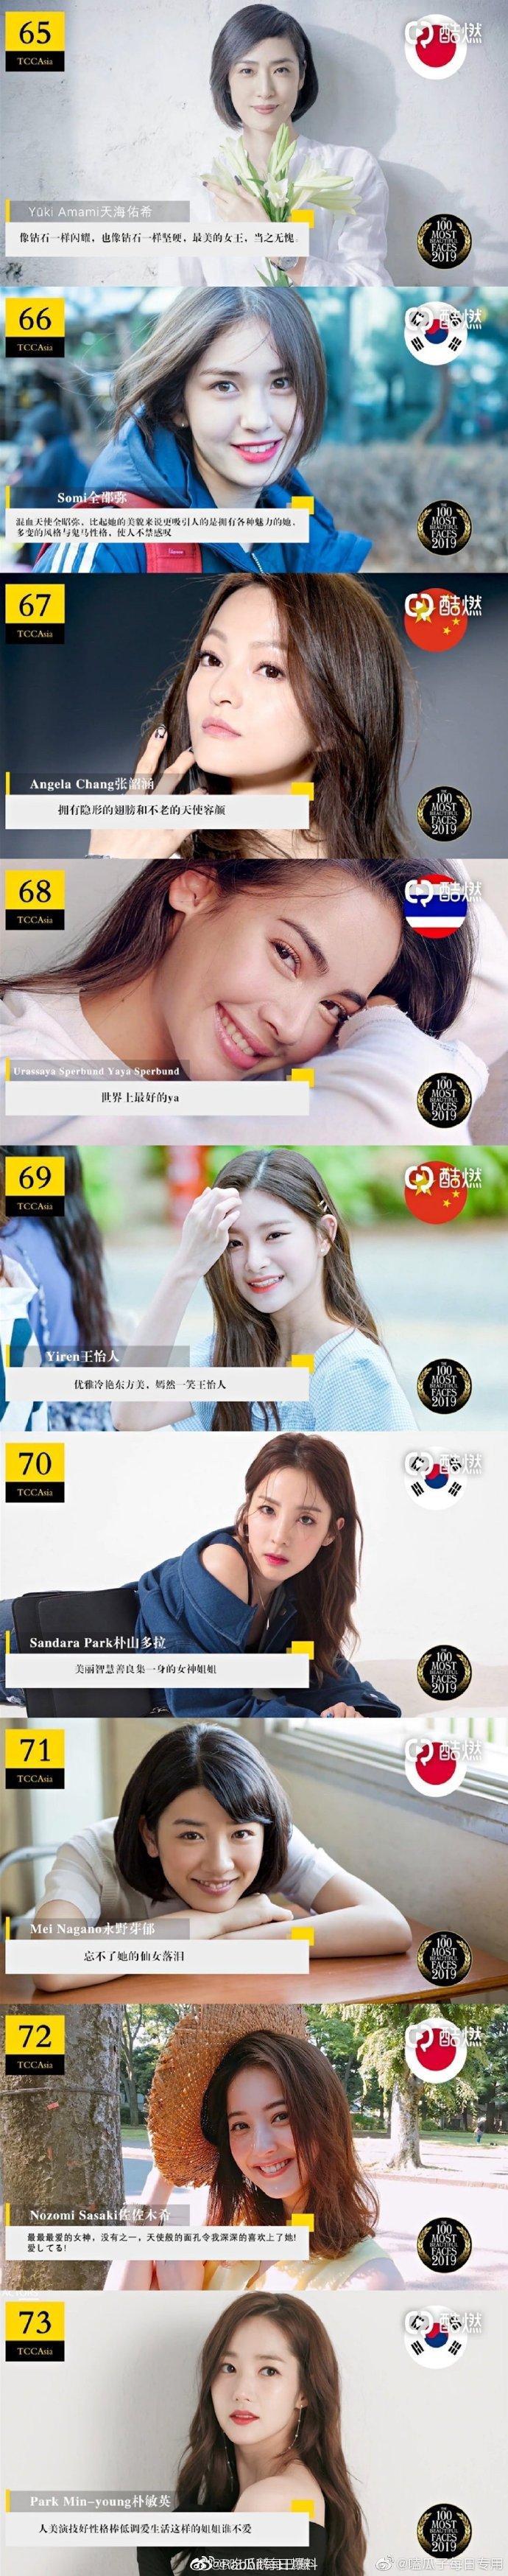 Top 100 gương mặt đẹp nhất Châu Á Thái Bình Dương 2019: Tiêu Chiến  Lisa dẫn đầu, Vương Nhất Bác cũng góp mặt ảnh 17